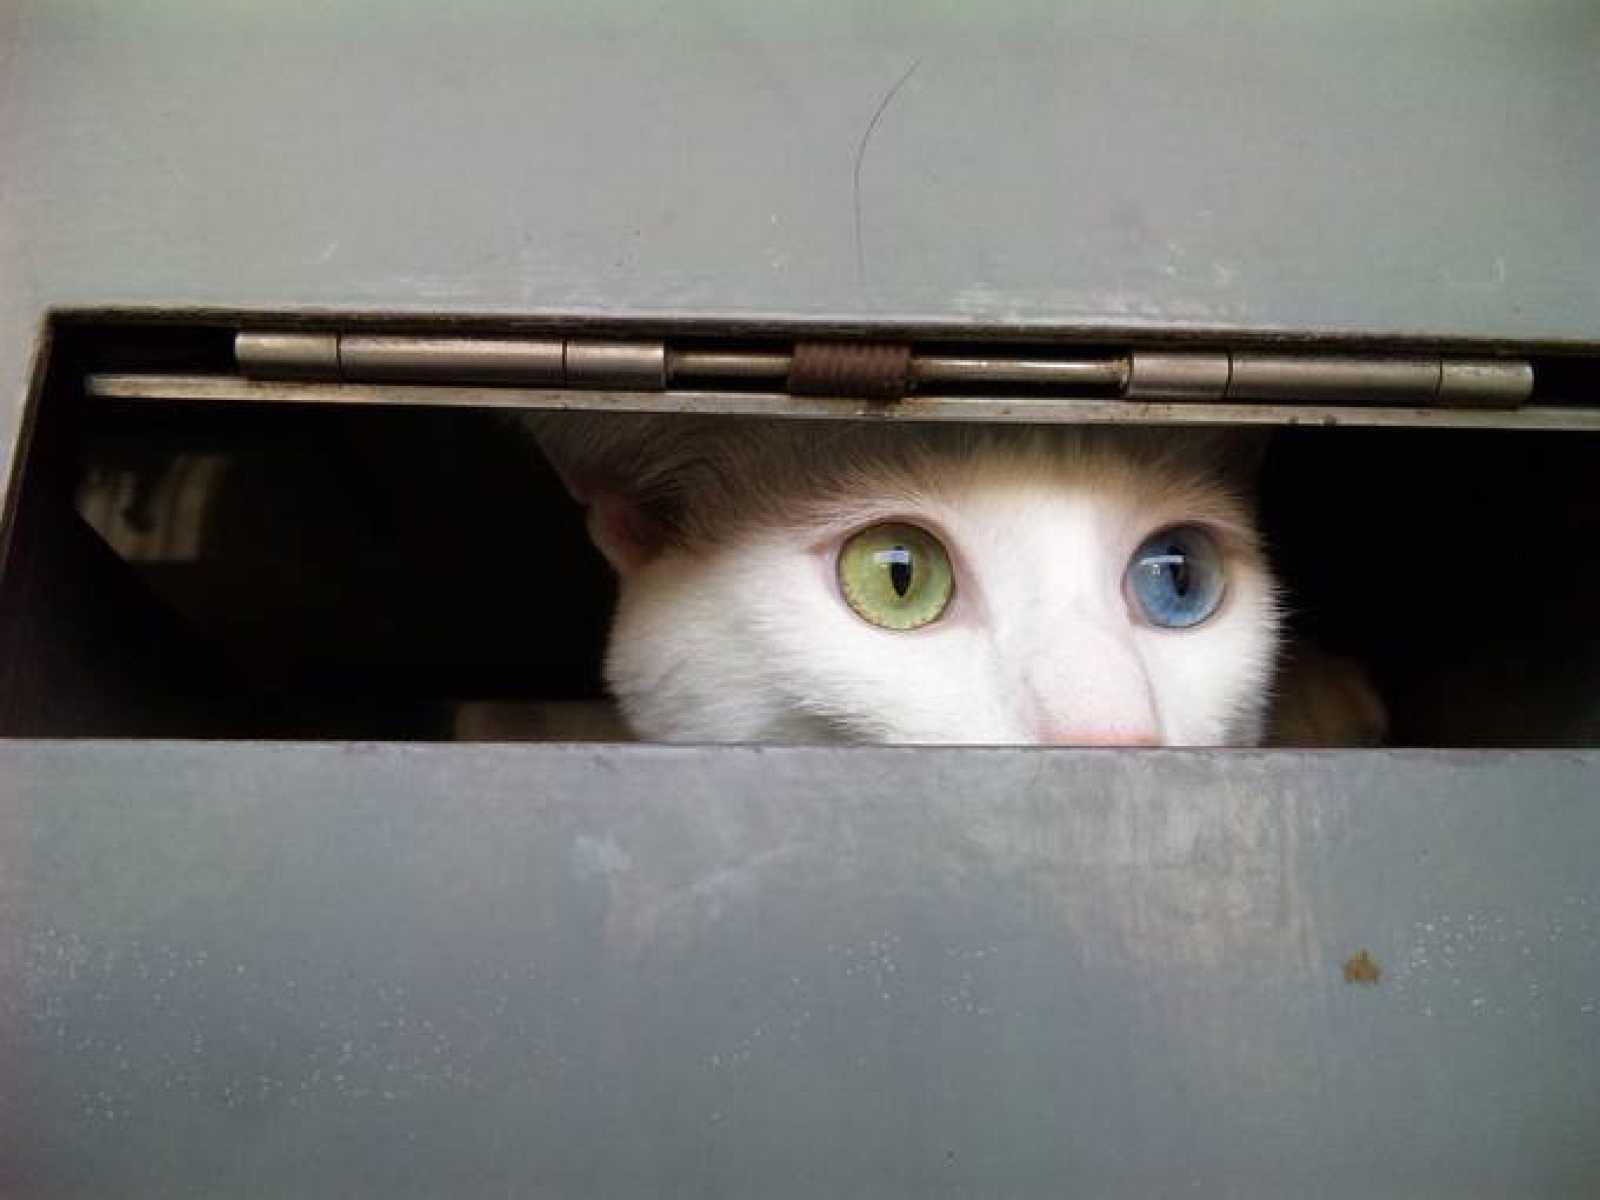 La mirada del gato cuántico de Schrödinger está dirigida por la curiosidad